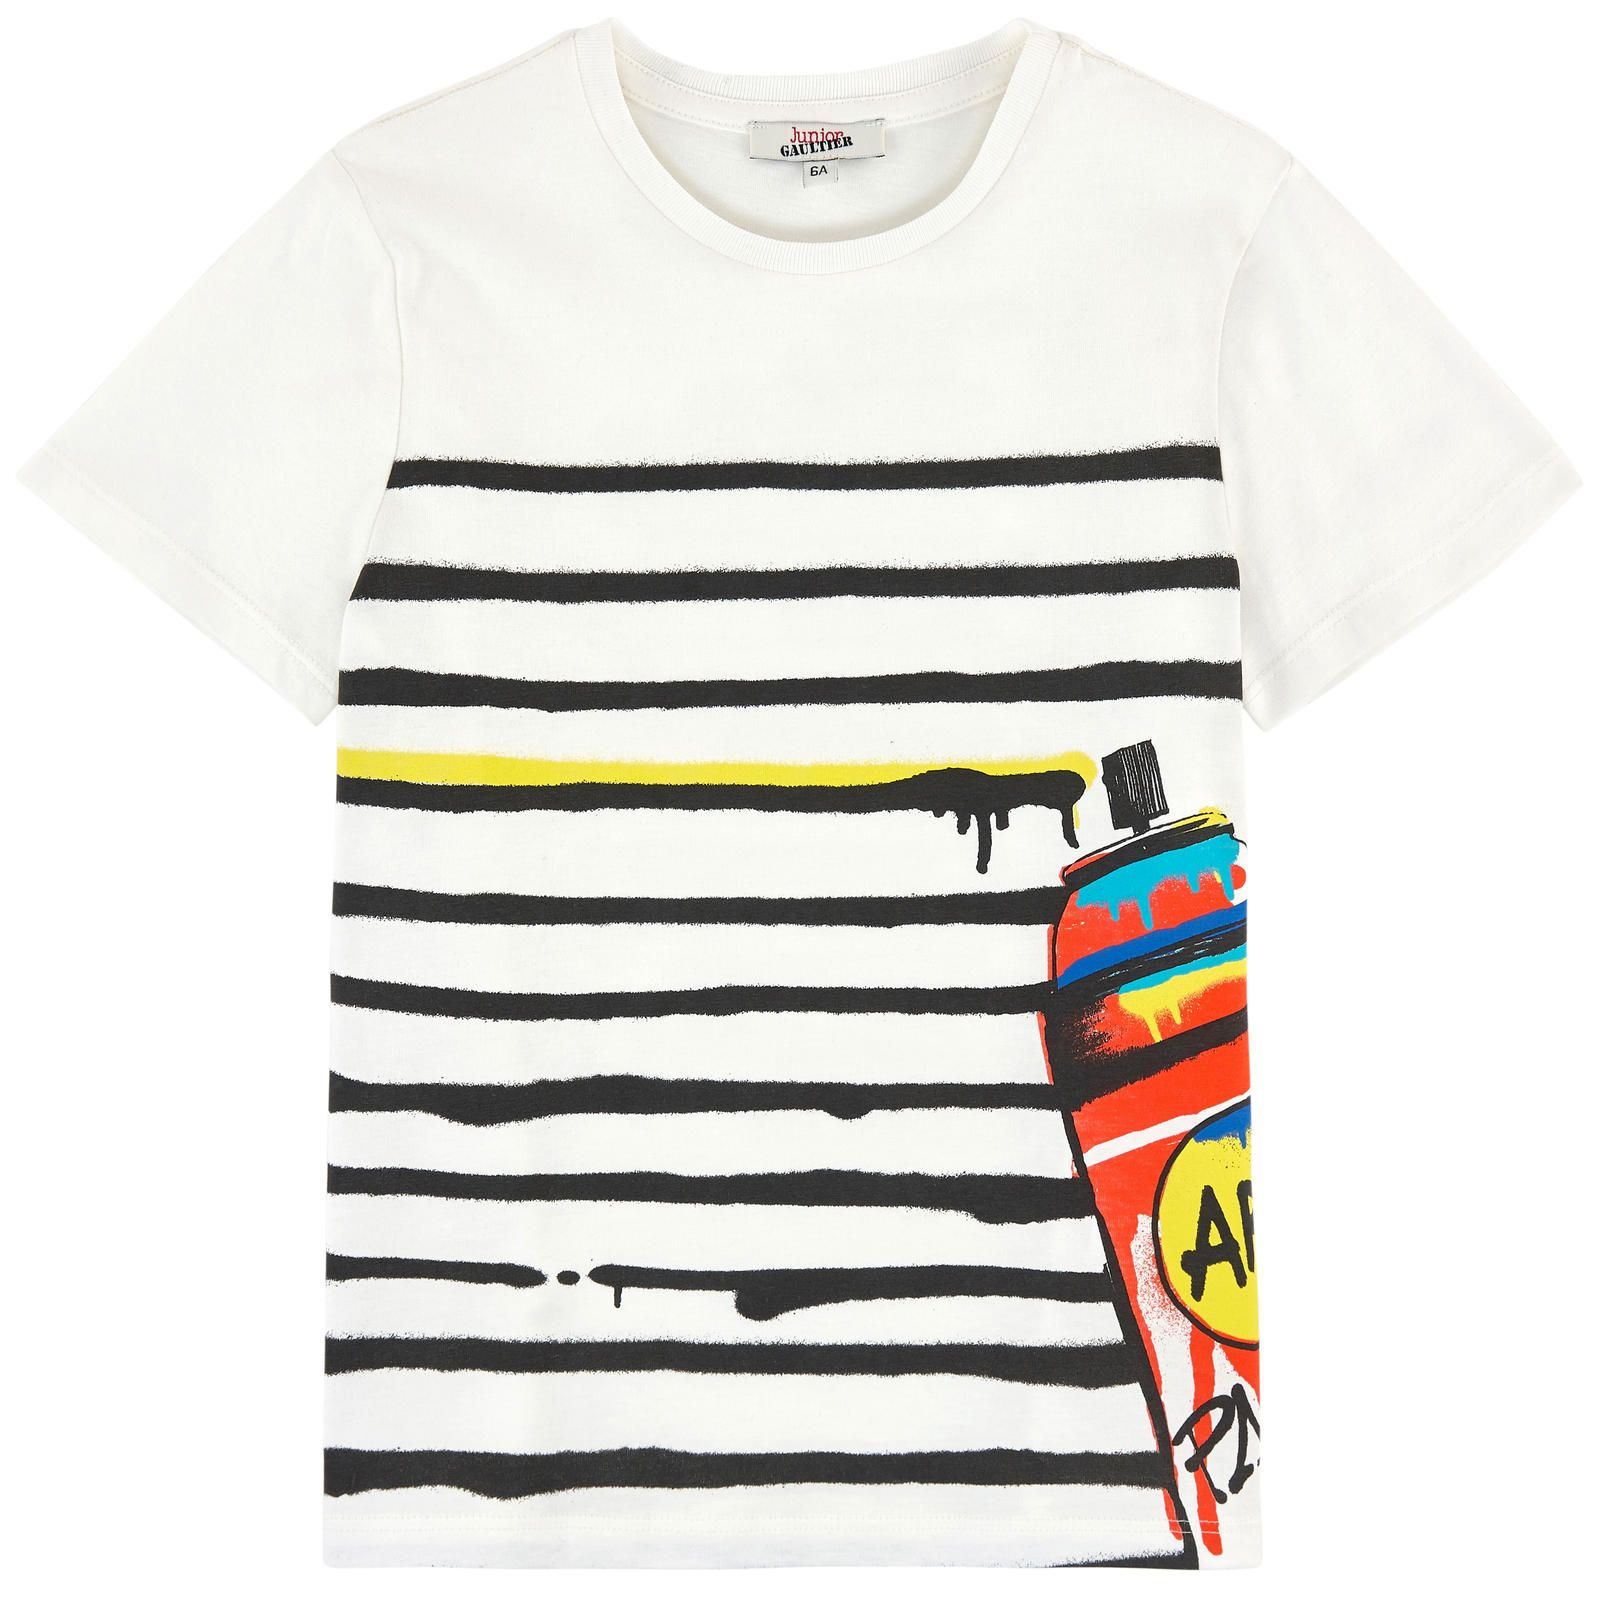 T-shirt with a print Junior Gaultier for boys | Melijoe.com